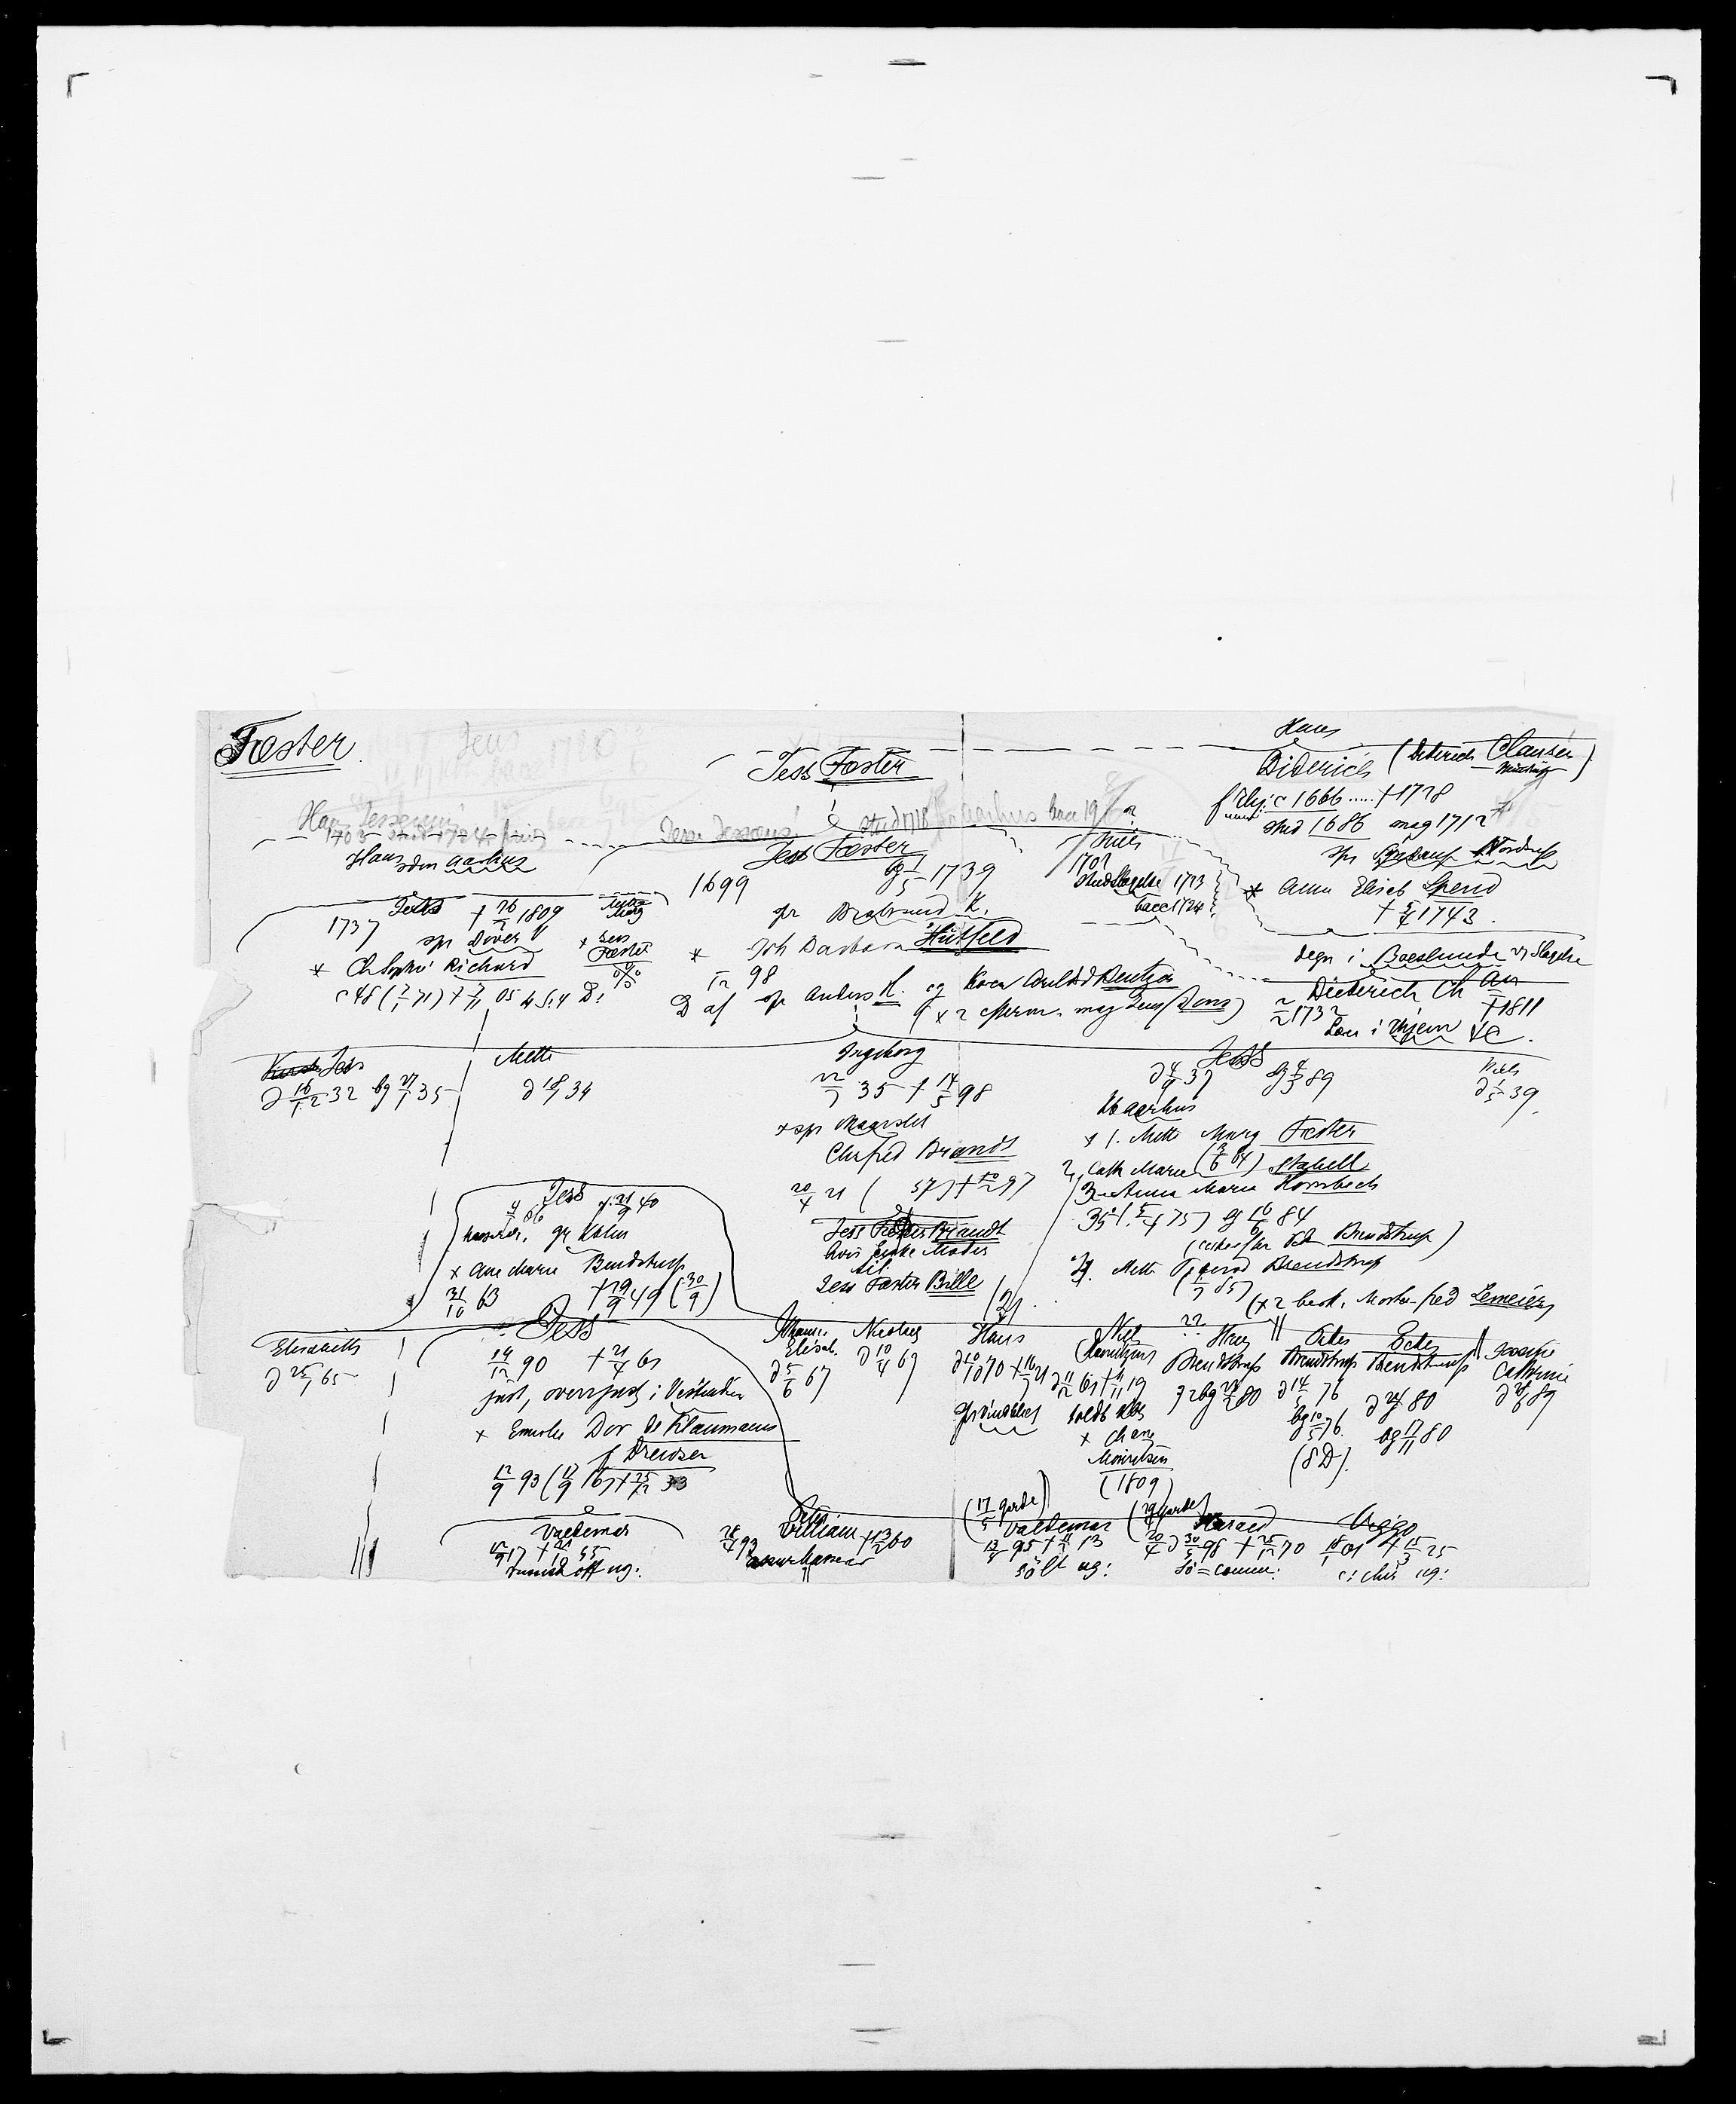 SAO, Delgobe, Charles Antoine - samling, D/Da/L0013: Forbos - Geving, s. 276